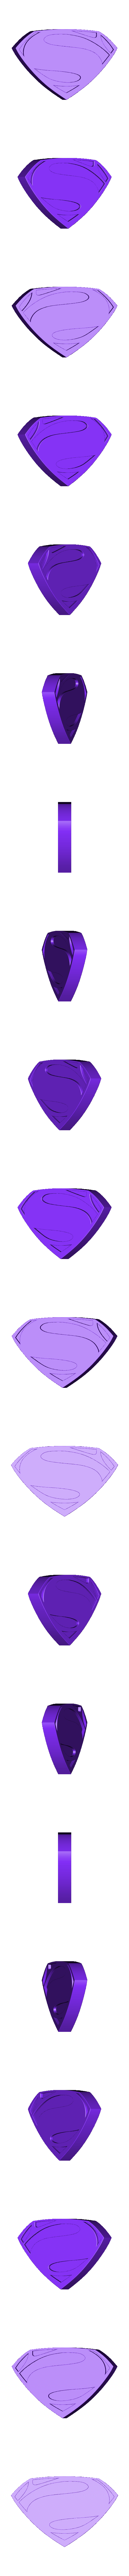 Superman_Symbol.stl Télécharger fichier STL gratuit Insigne de Superman • Modèle pour imprimante 3D, Piggie